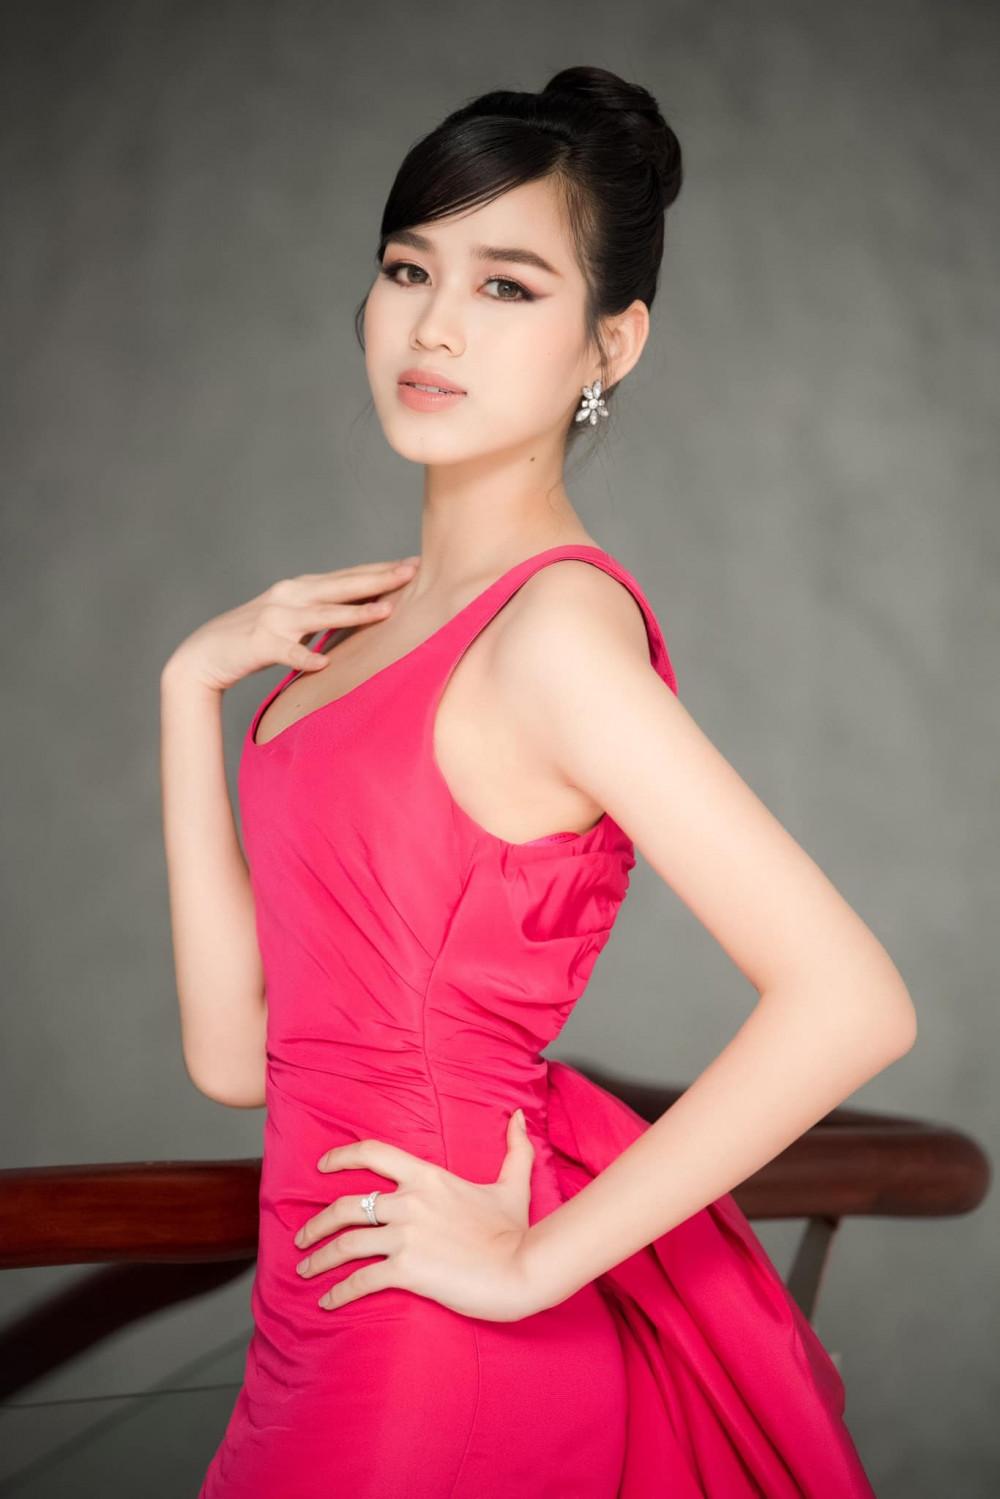 Hoa hậu Đỗ Thị Hà có da nền tương đối khoẻ